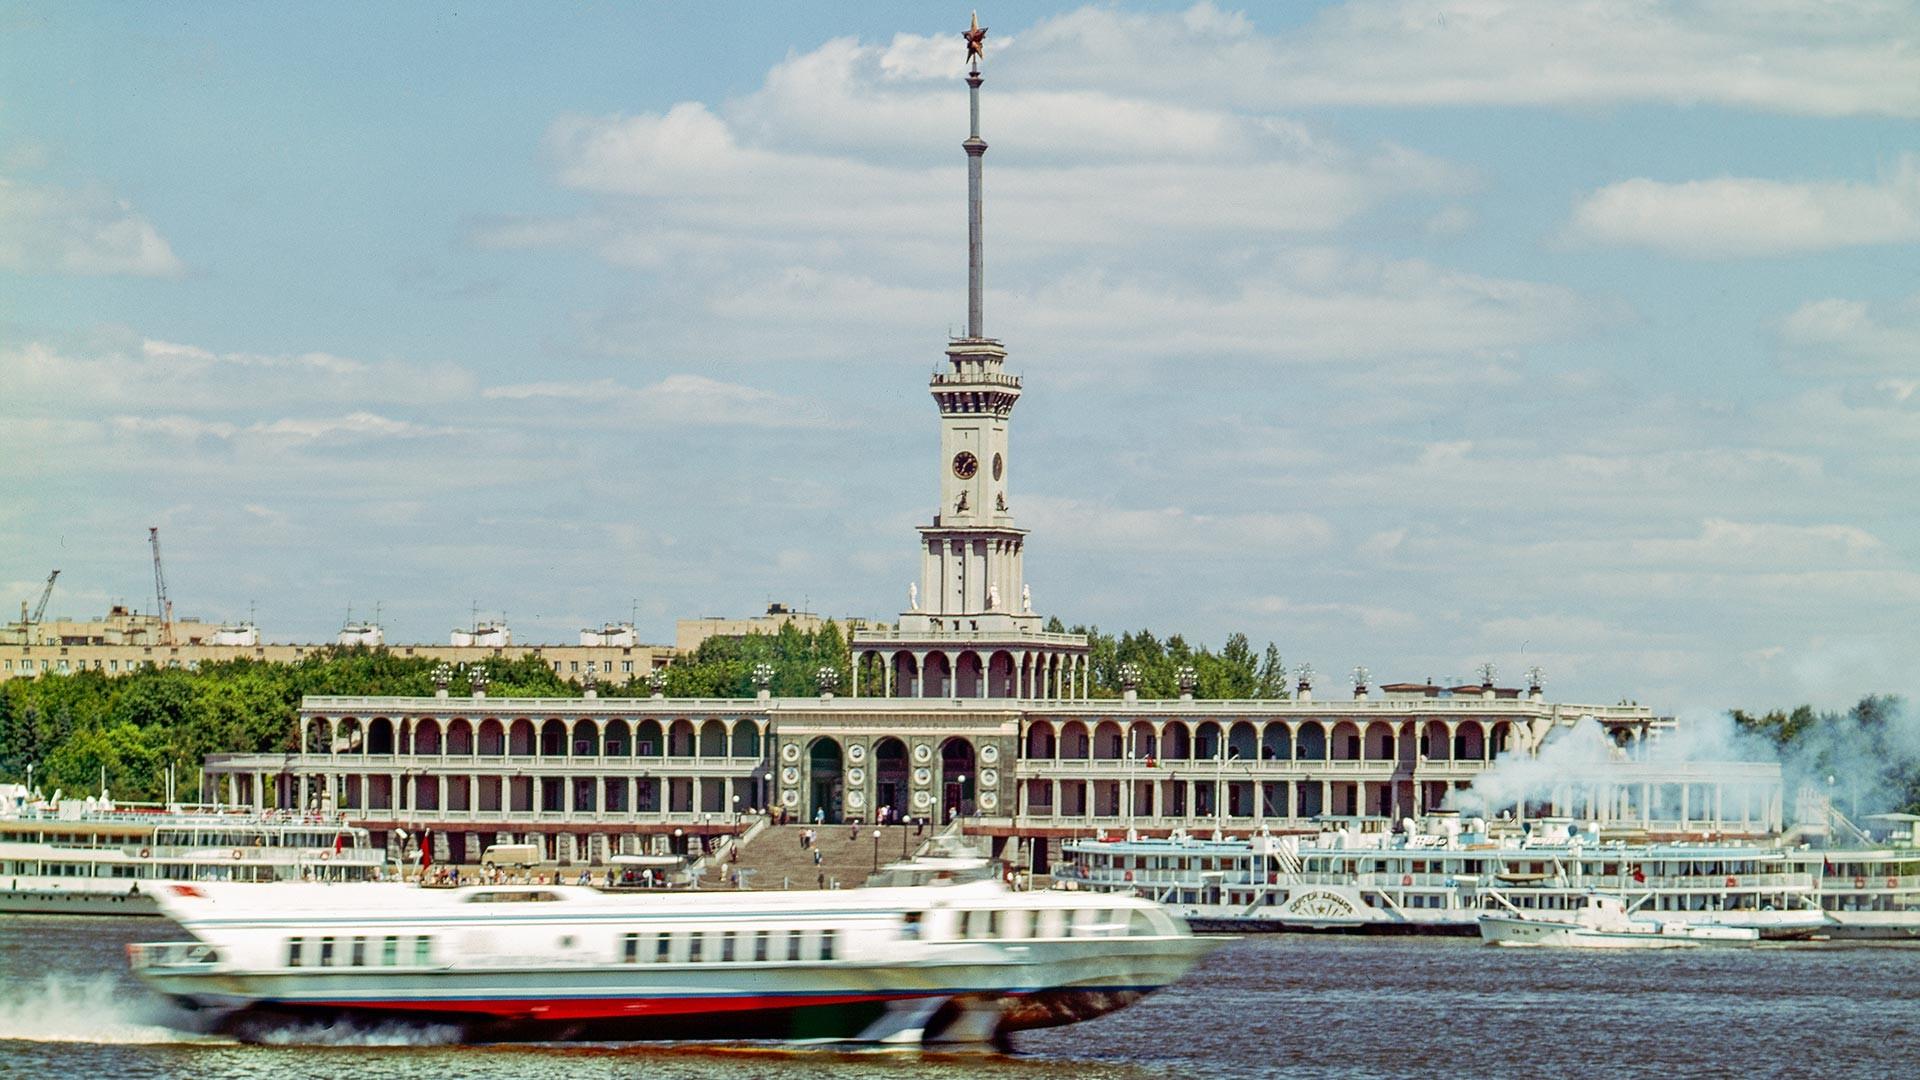 Severni rečni terminal na bregu Himkinskega akumulacijskega jezera v Moskvi